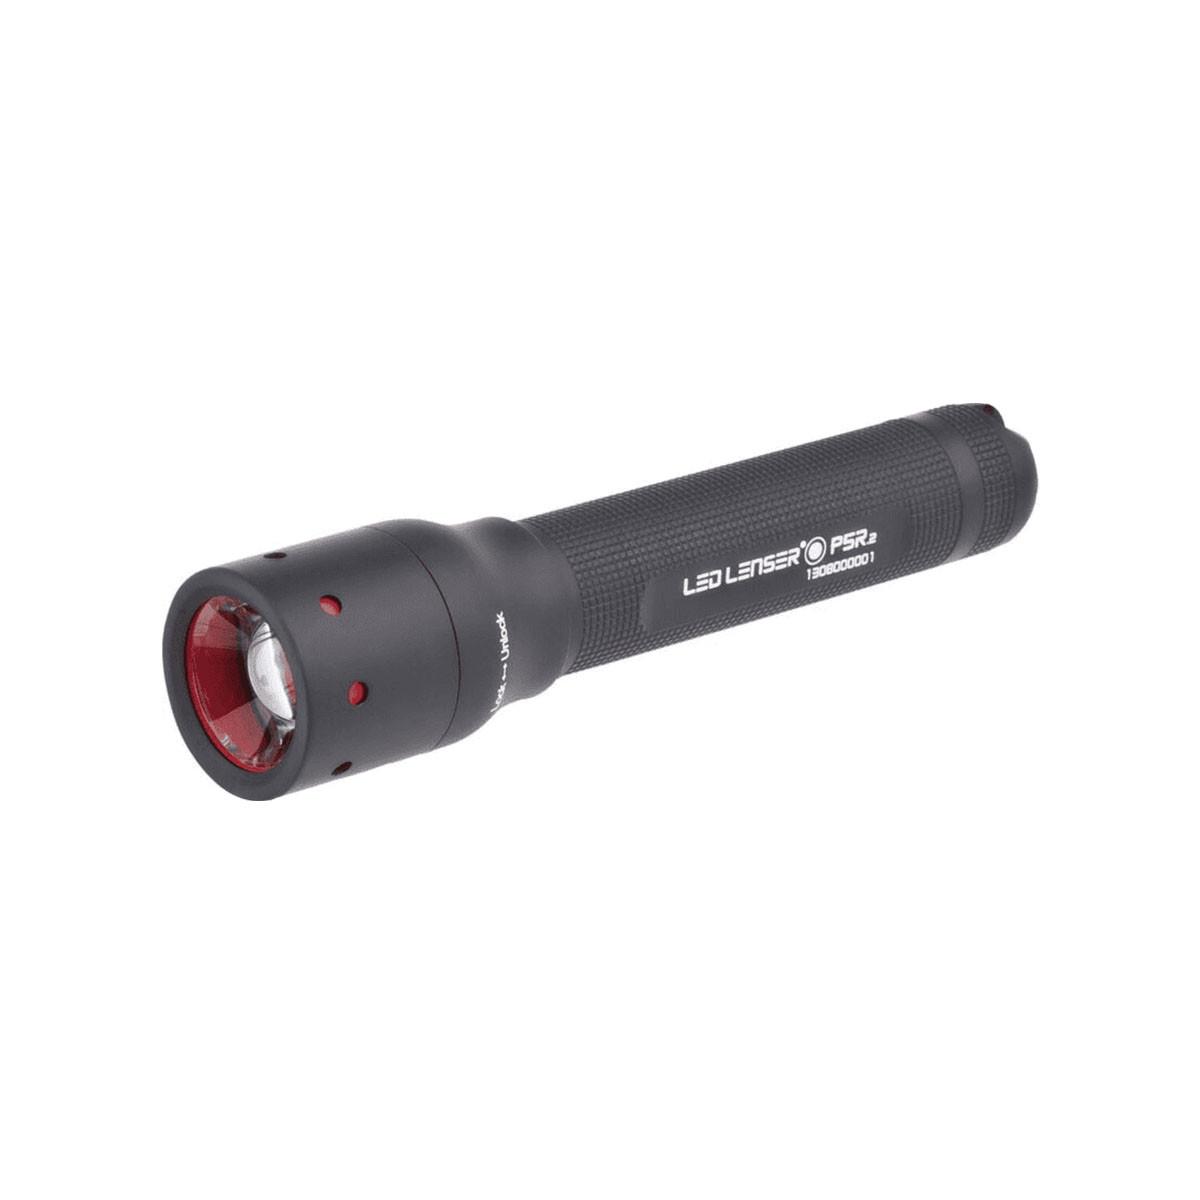 LED LENSER P5R.2